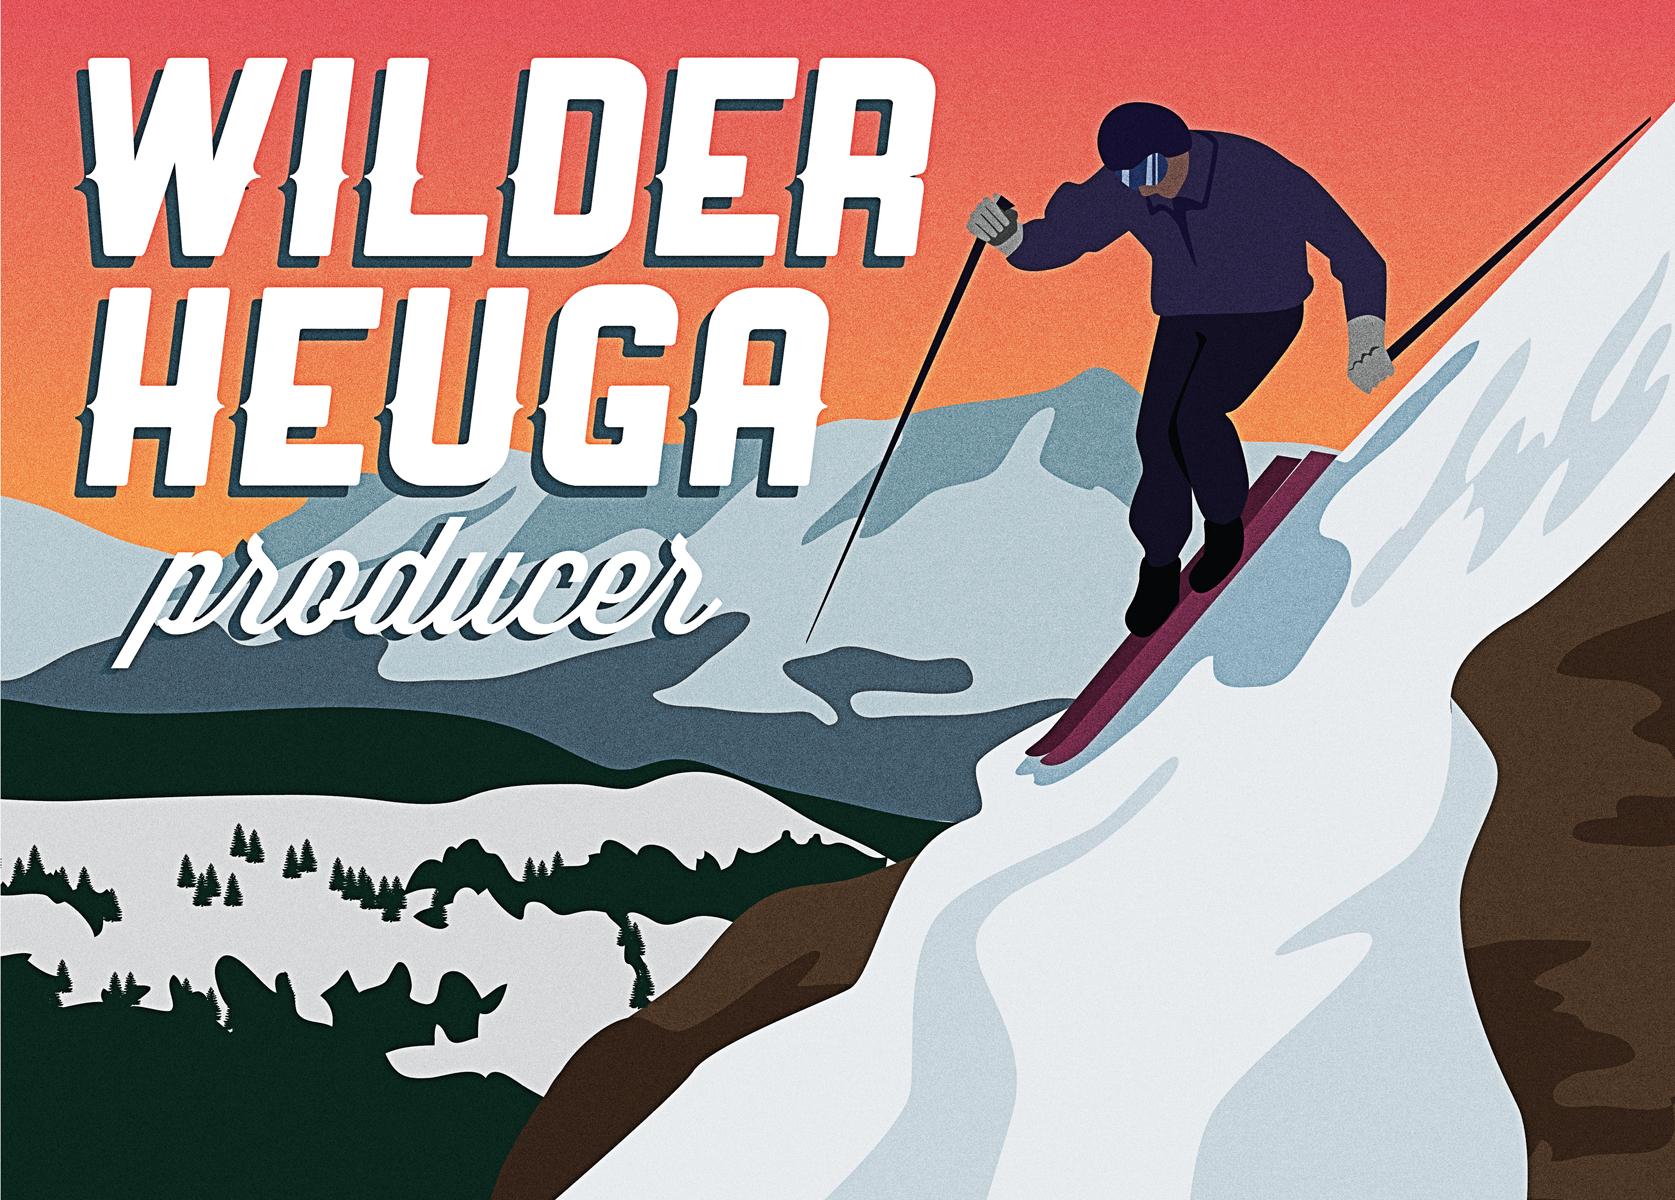 WilderHeuga_final.jpg